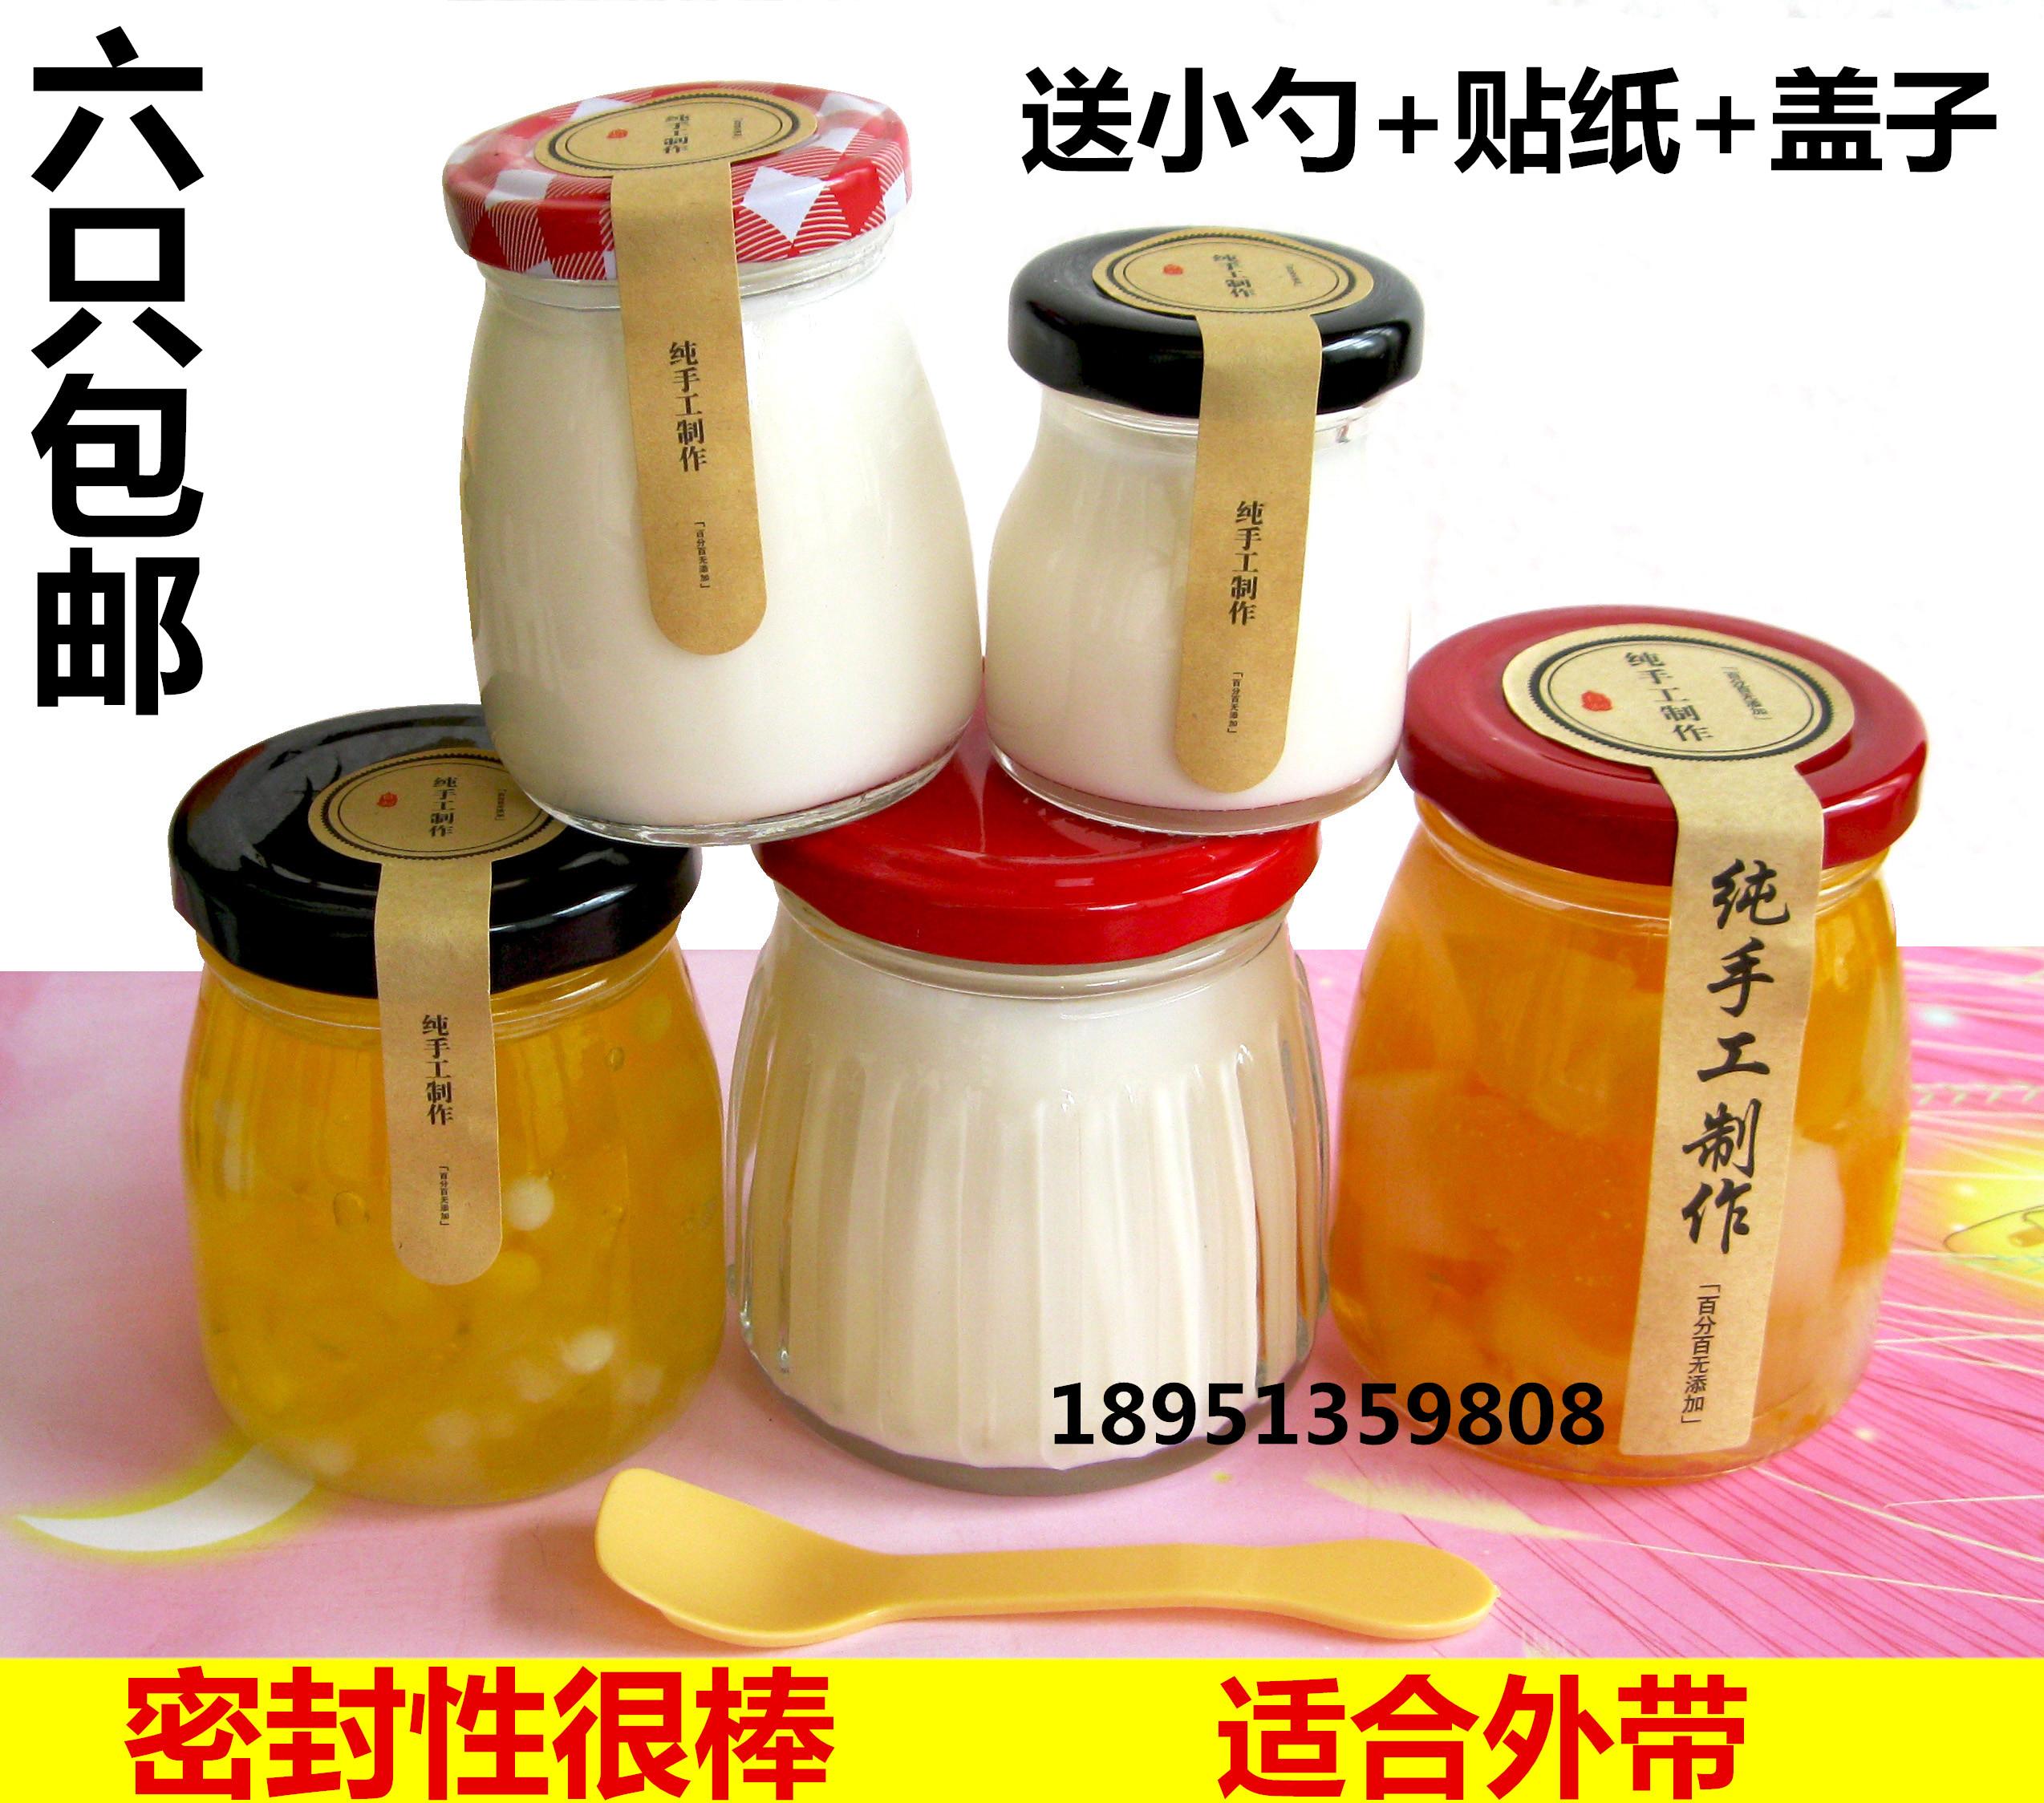 Бесплатная доставка 150ml200 миллилитр провод ткань звон стеклянные бутылки йогурт чашка содержать железо крышка вертикальный узор домой печать выпекать поезд